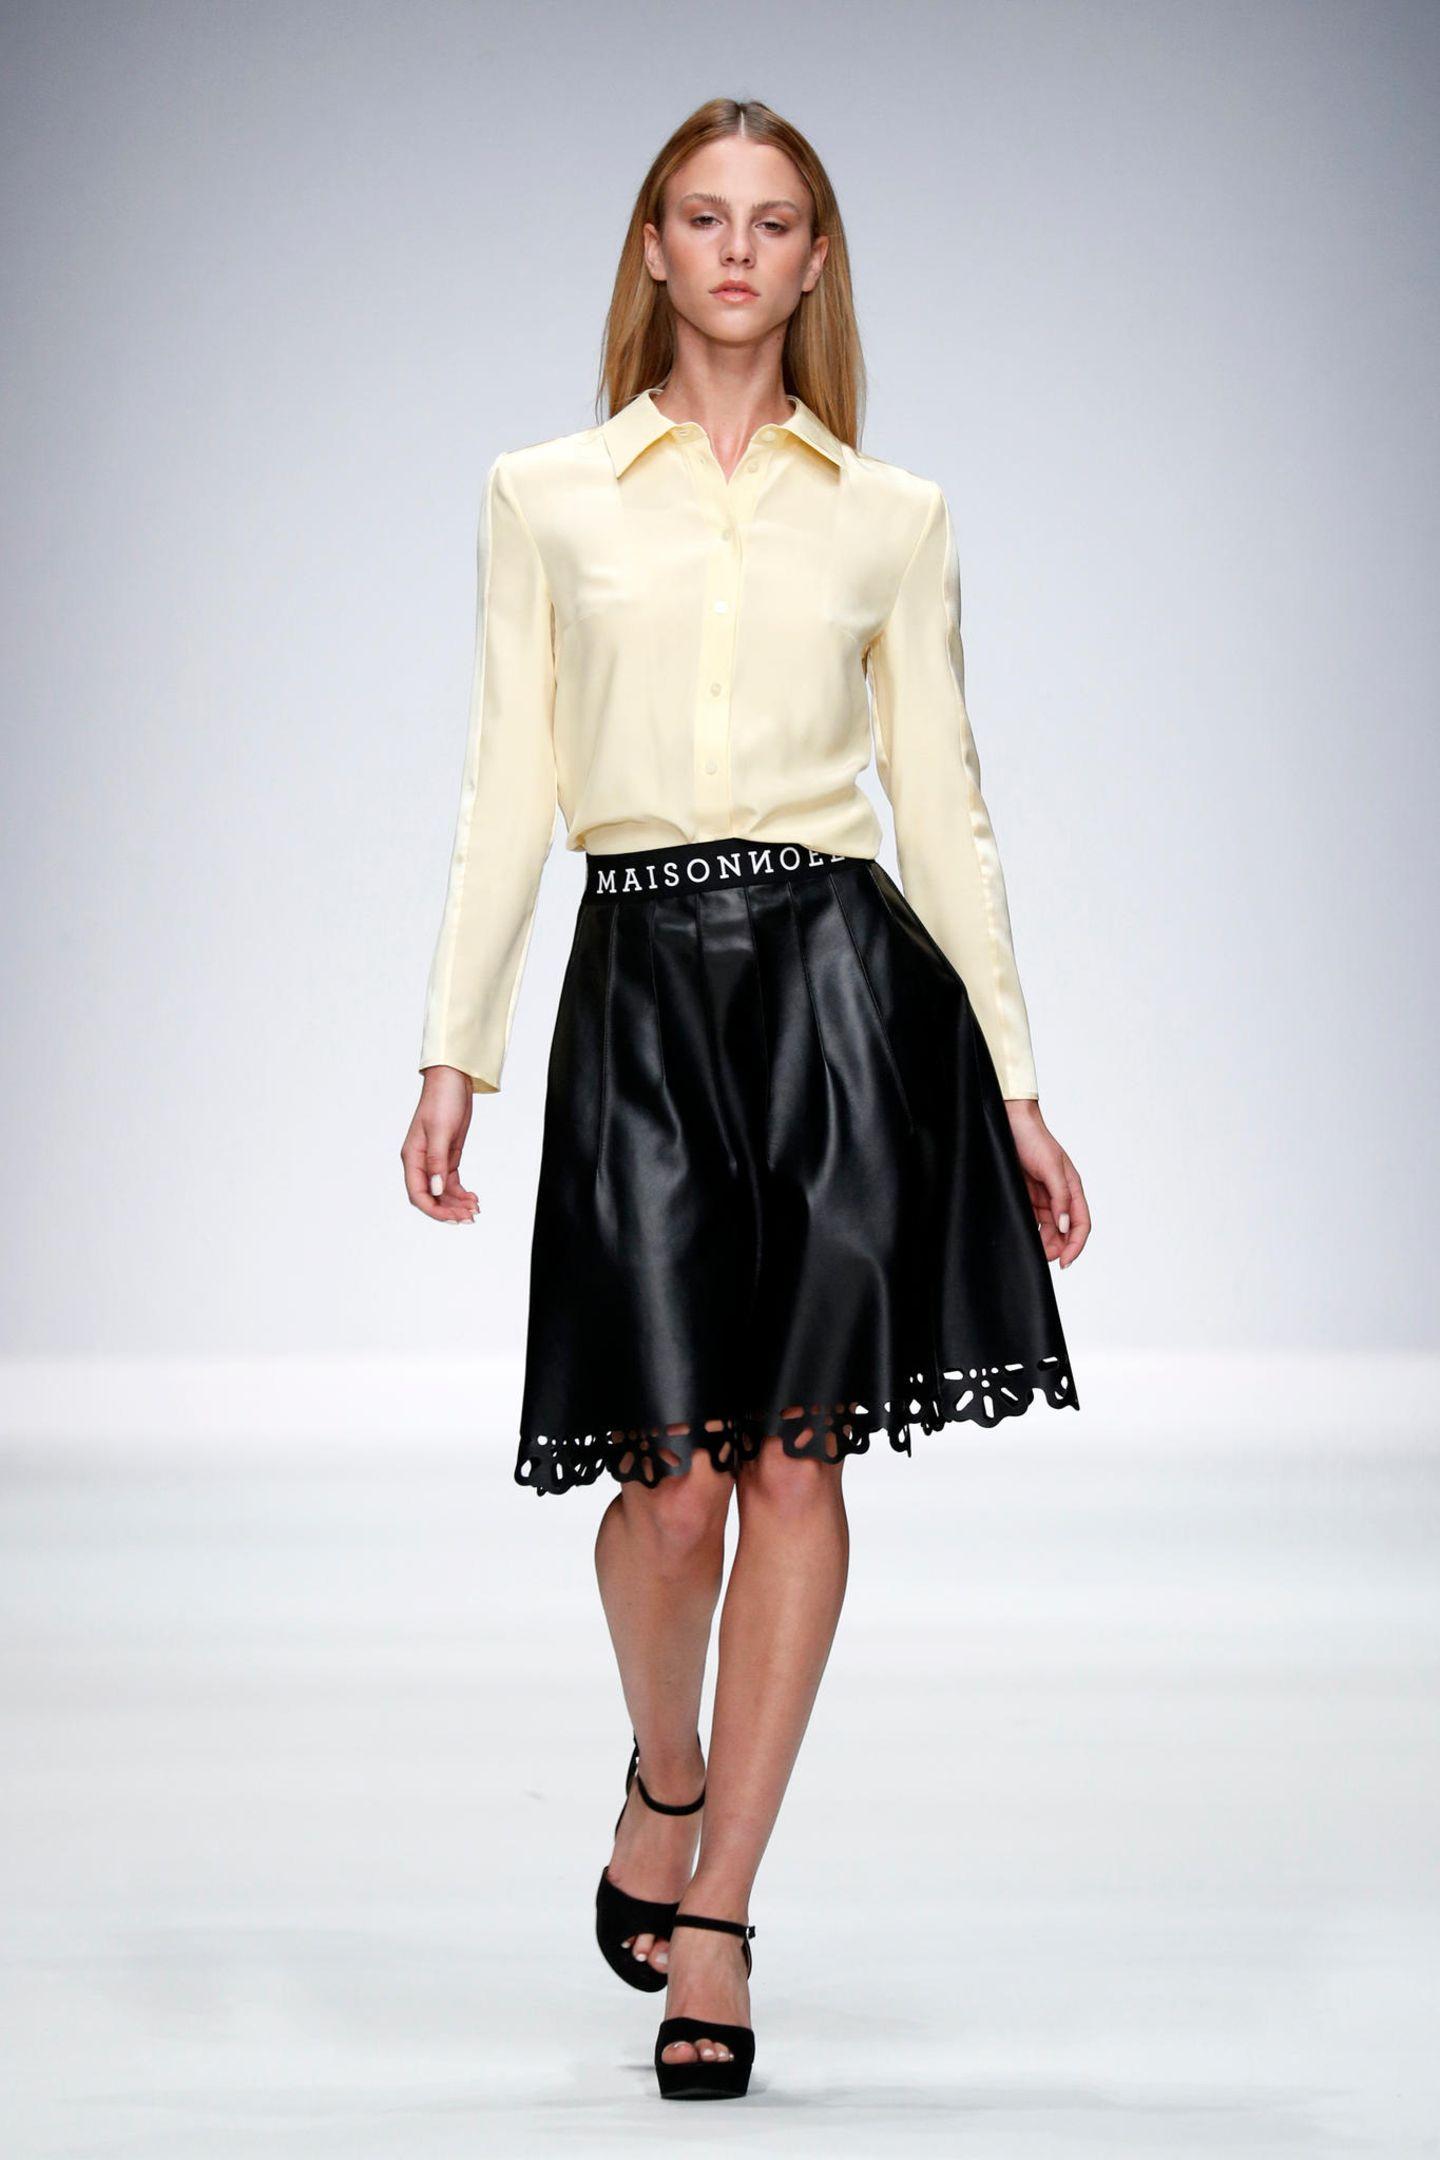 """Die diesjährige """"Germany's Next Topmodel""""-Gewinnerin Simone Kowalski feiert auf der MBFW ihr Laufstegdebüt bei der Show von Maisonnoée."""